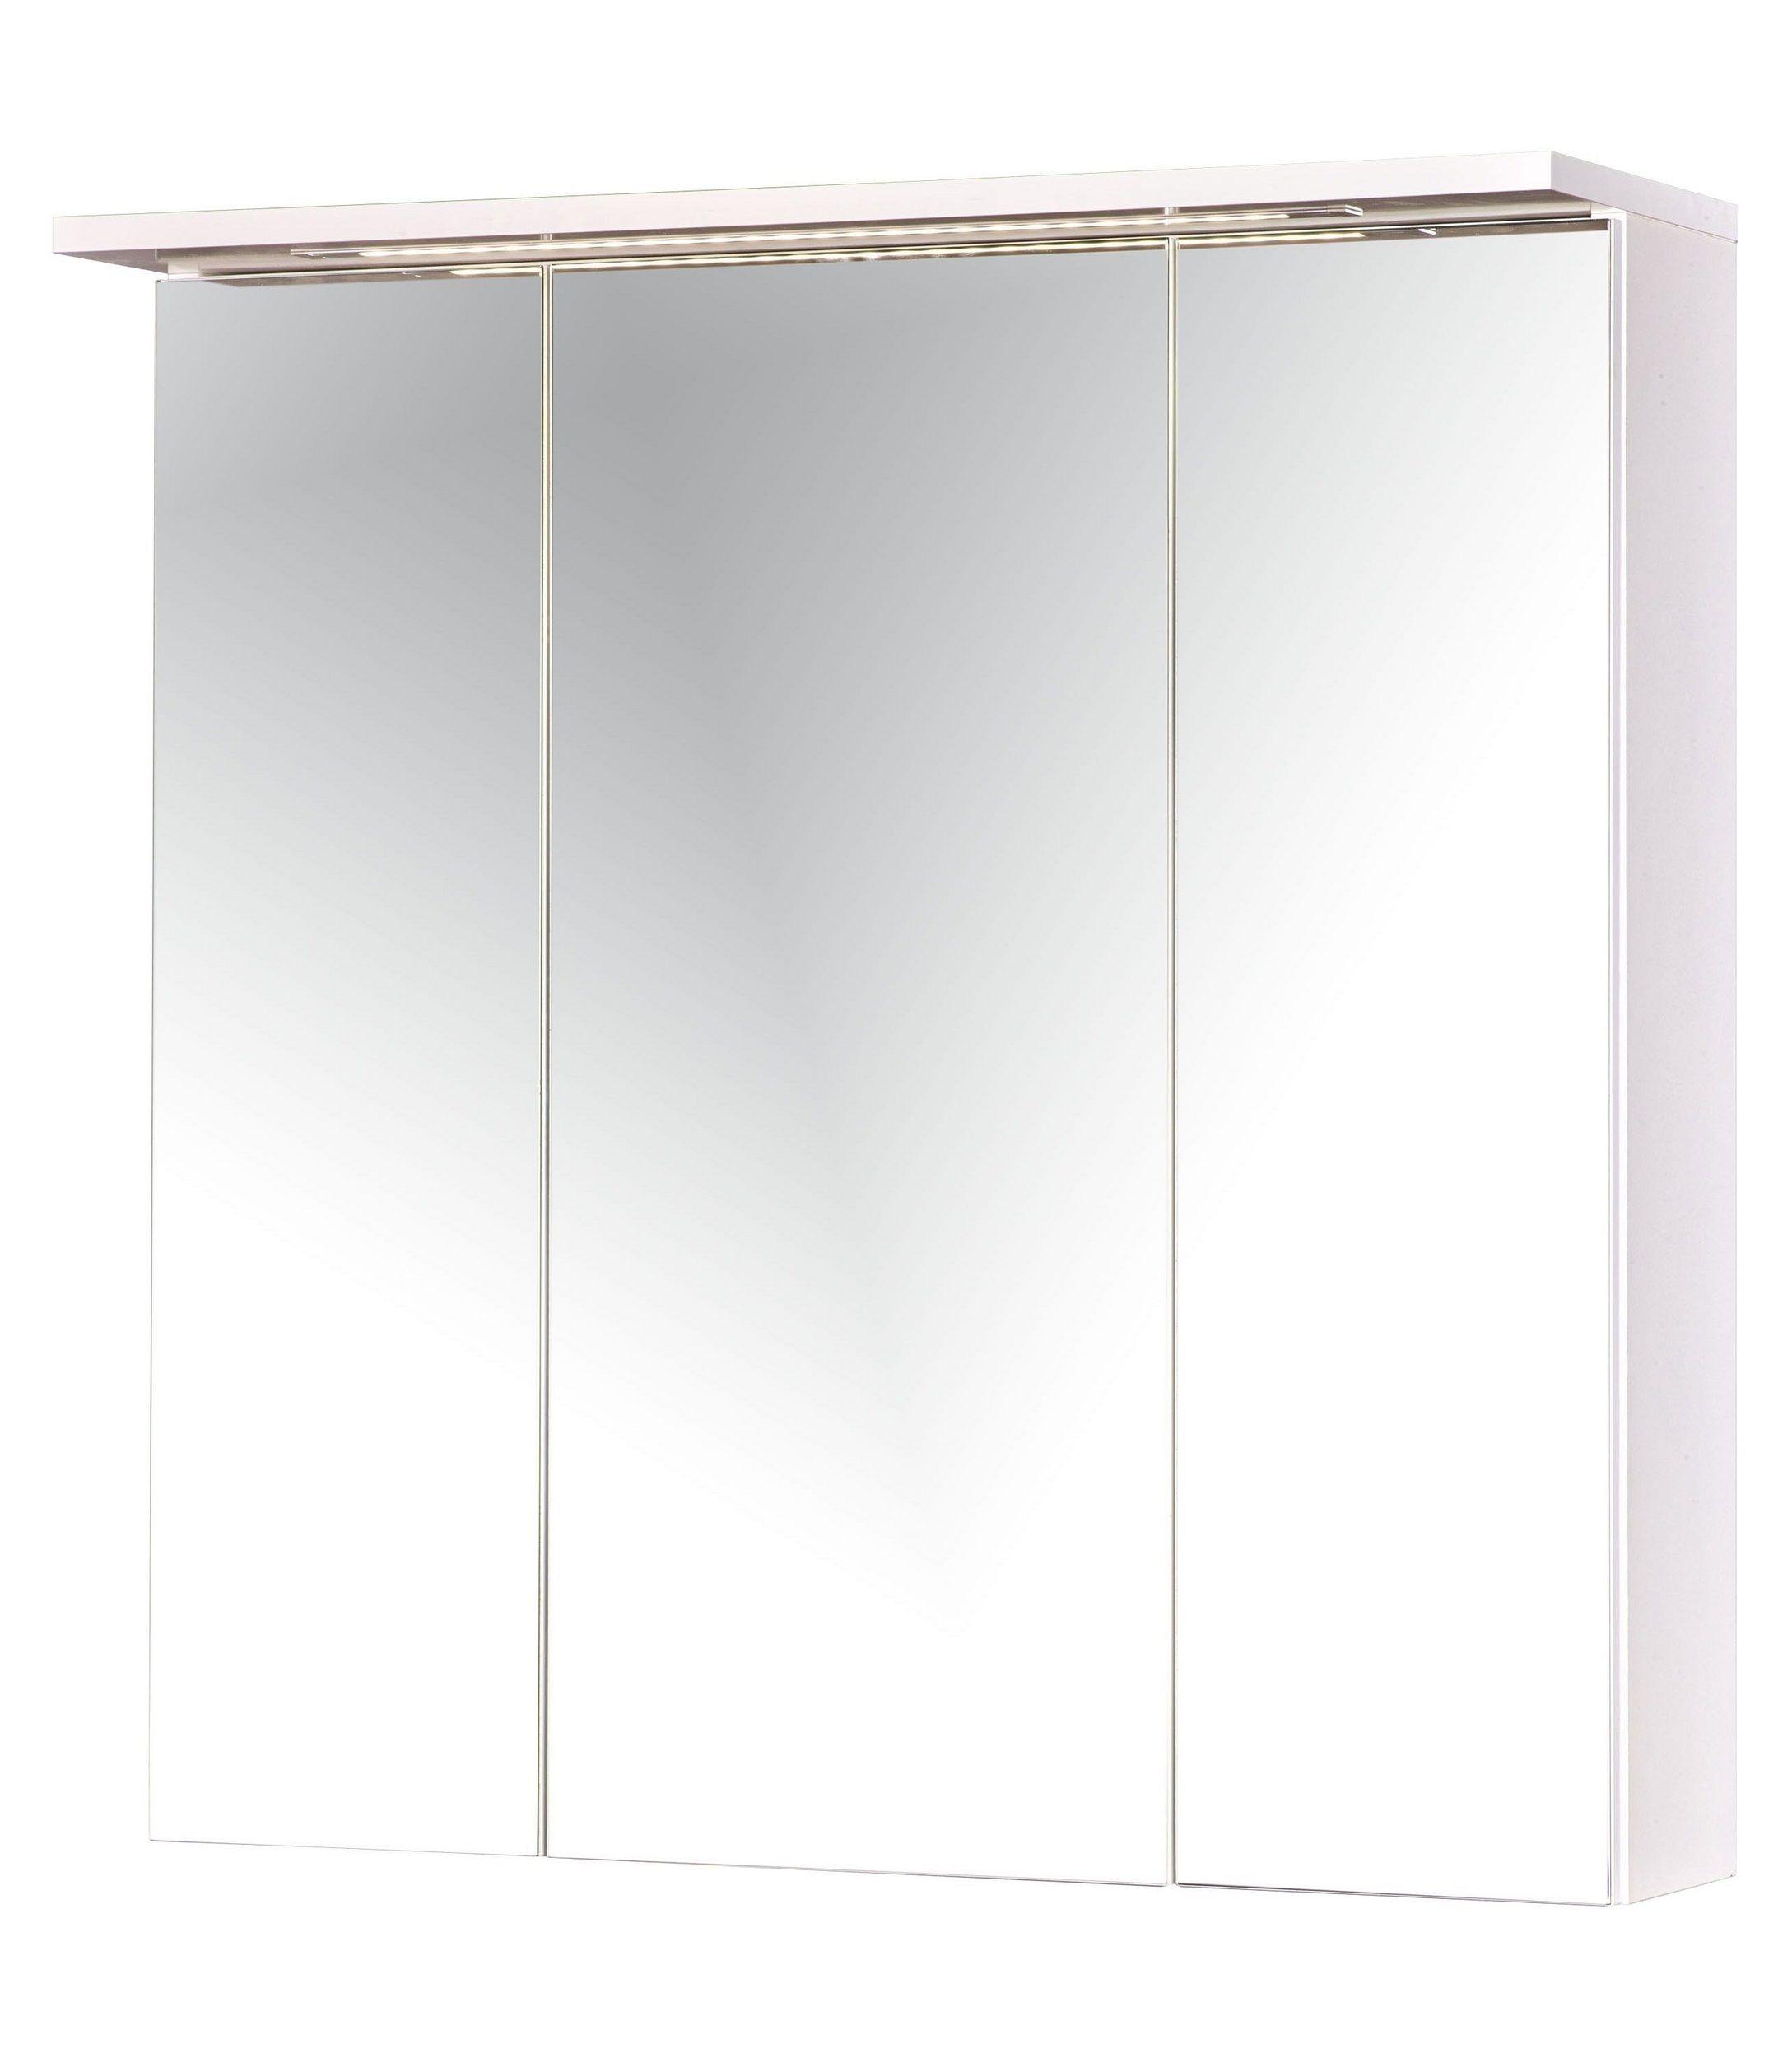 Schildmeyer Spiegelschrank Basic Hochwertige Metallbeschlage Online Kaufen Spiegelschrank Schildmeyer Schrank